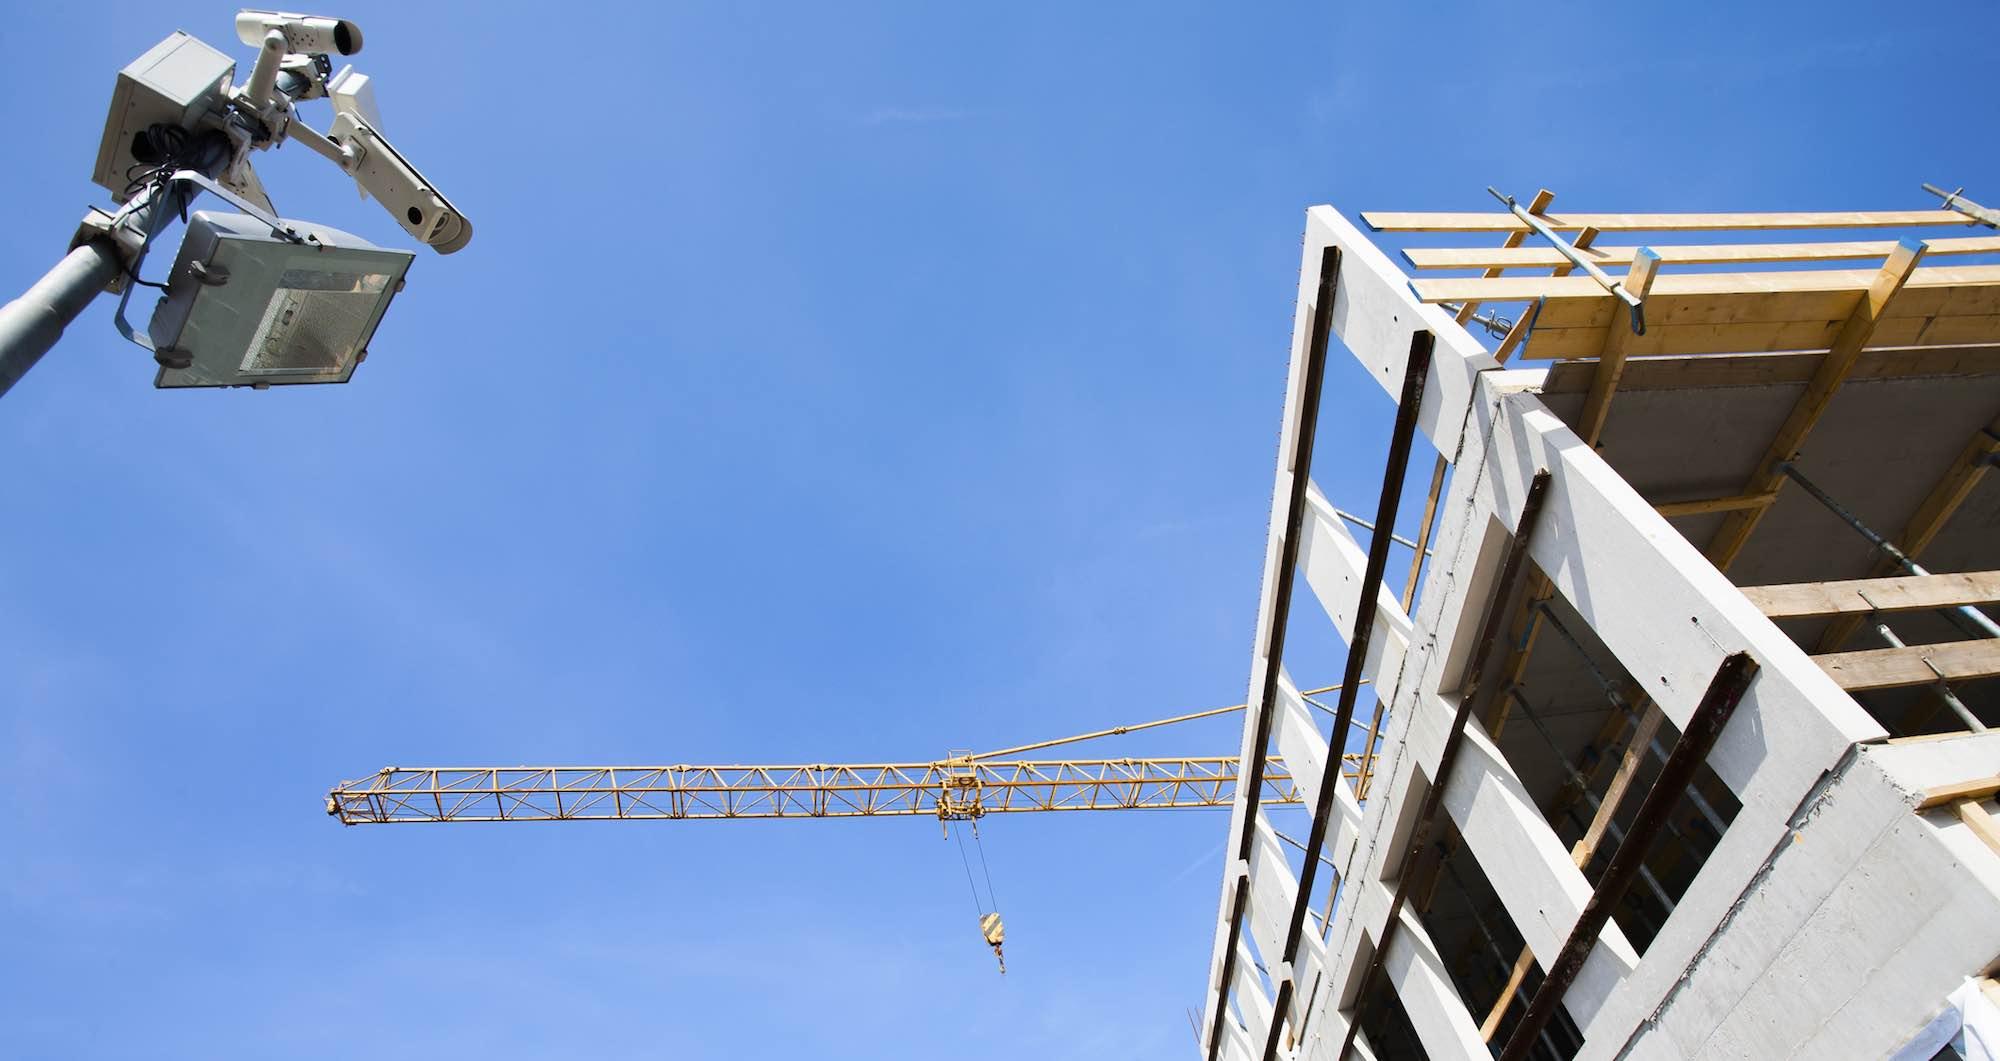 Baustellenüberwachung per Videoüberwachungsanlage von Wecee